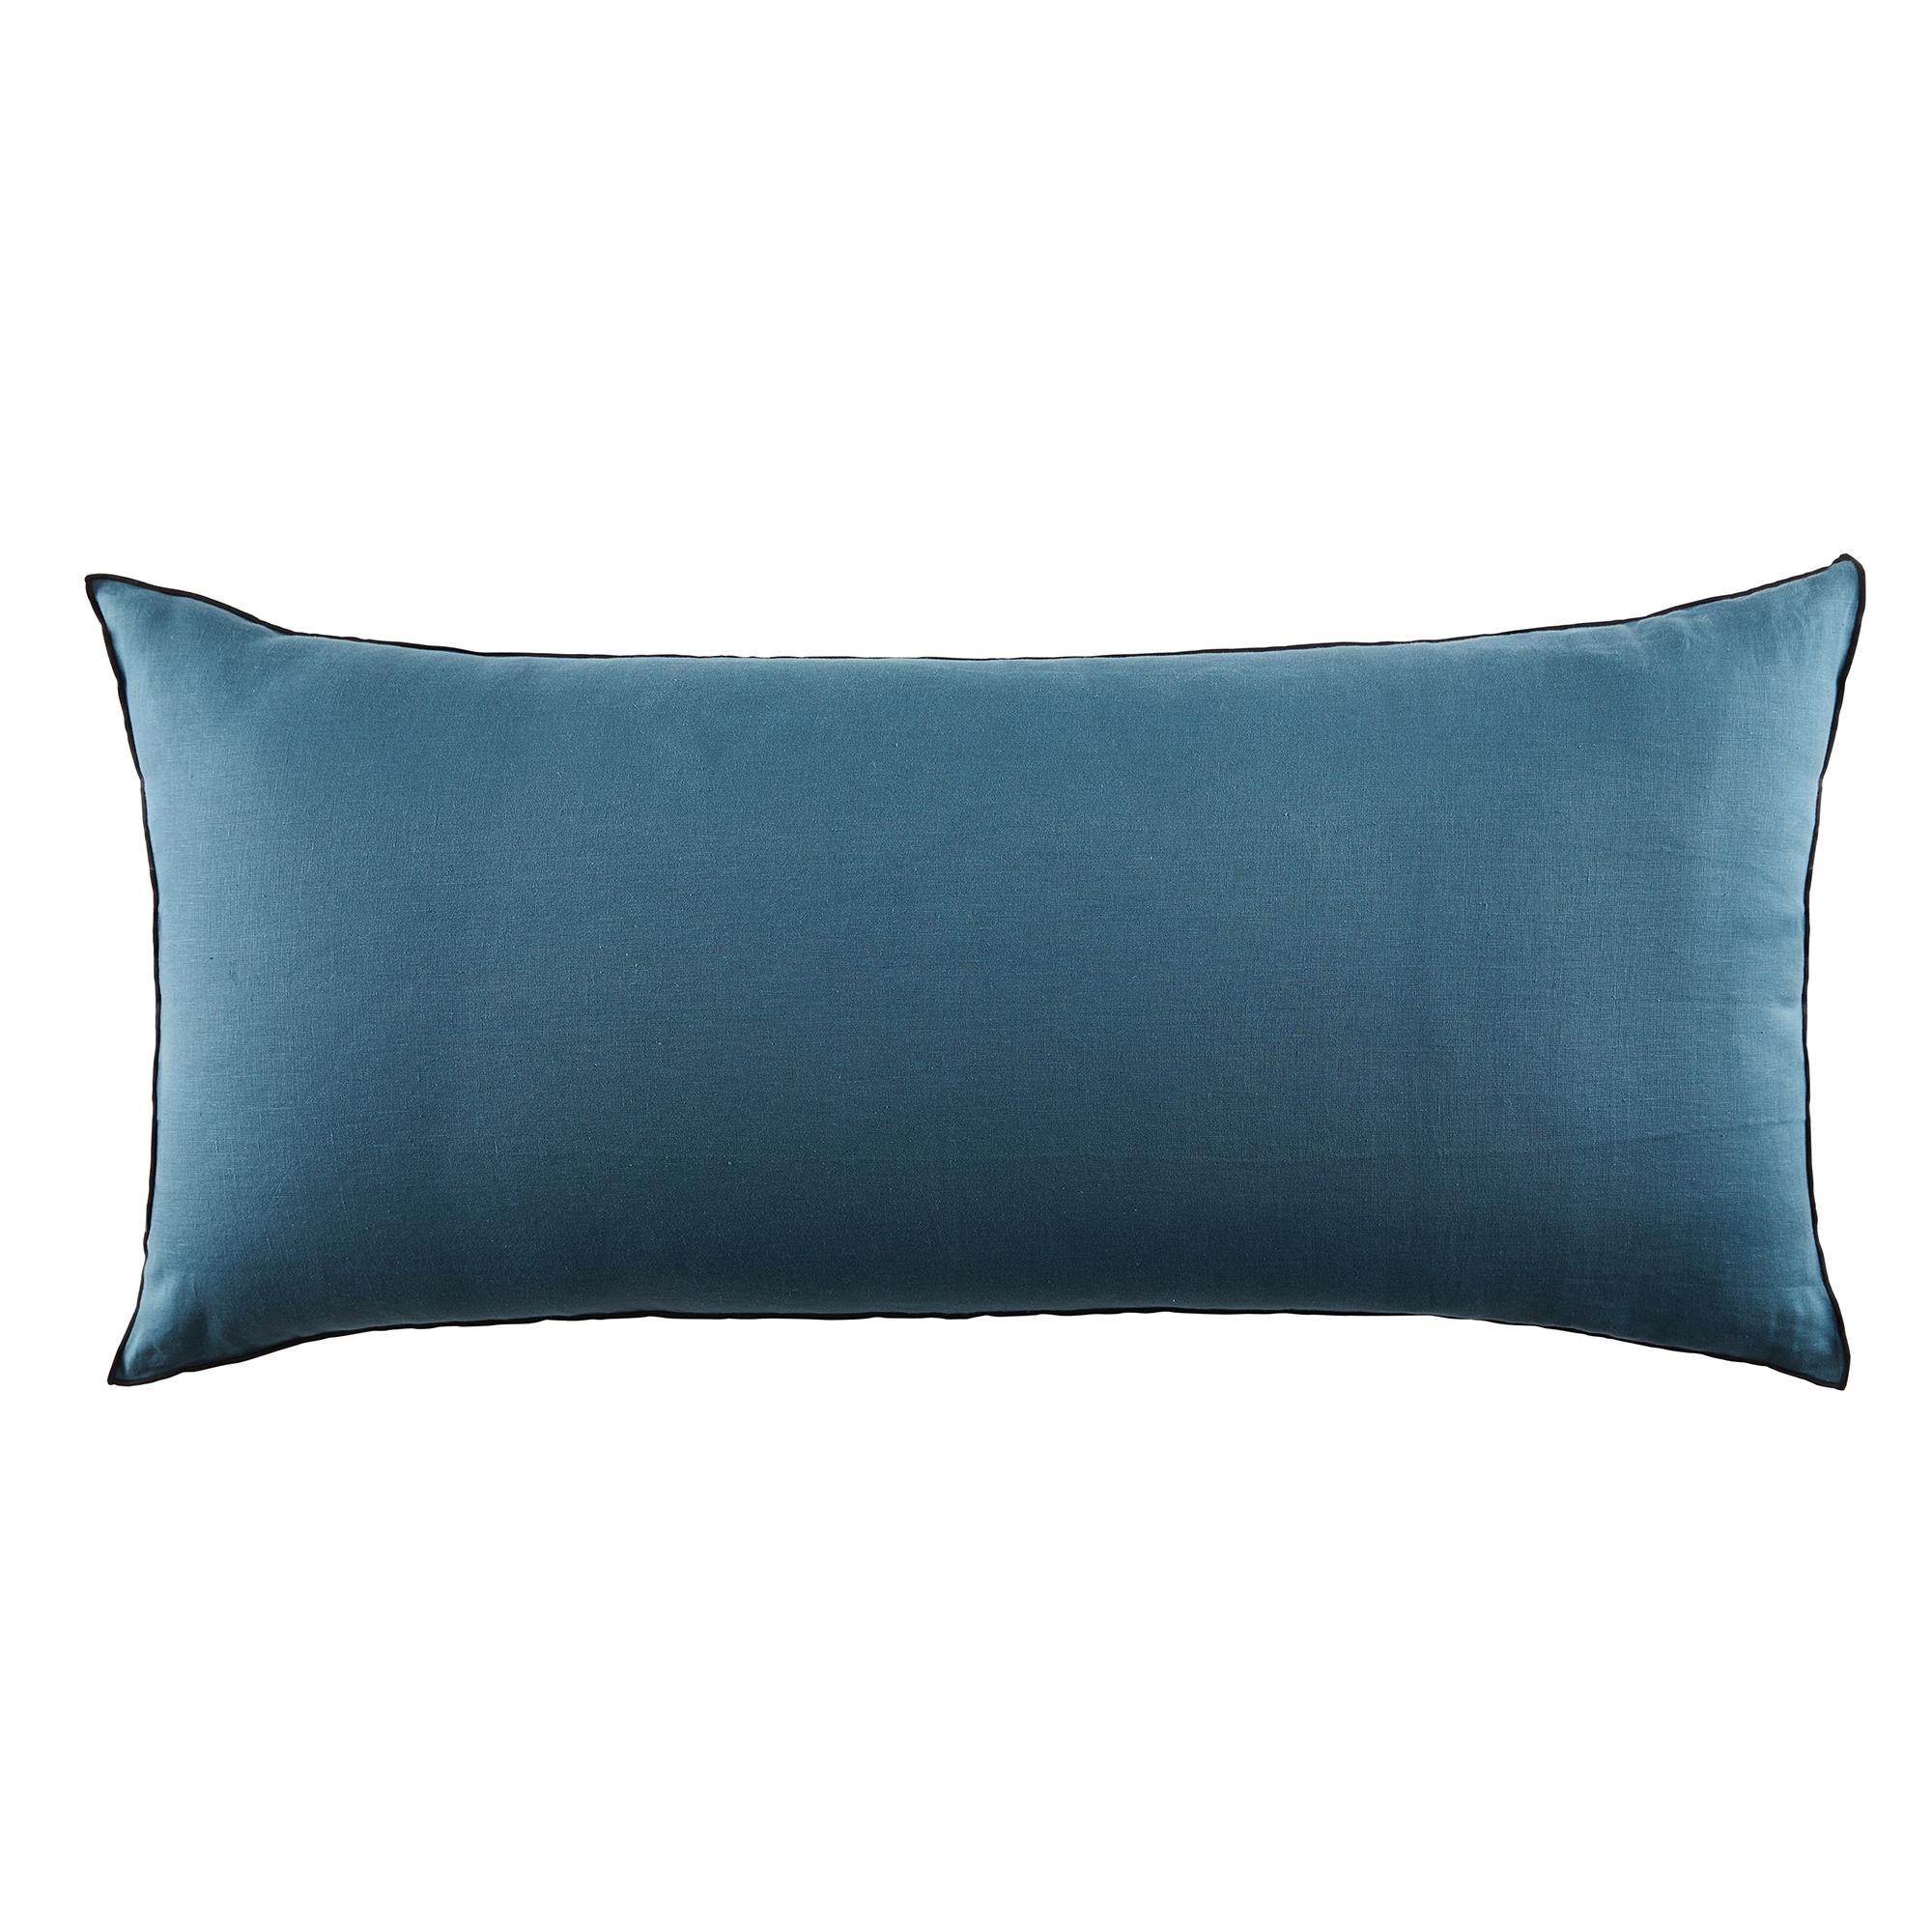 Housse de coussin 55x110 cm Bleu vert et bourdon noir en Lin